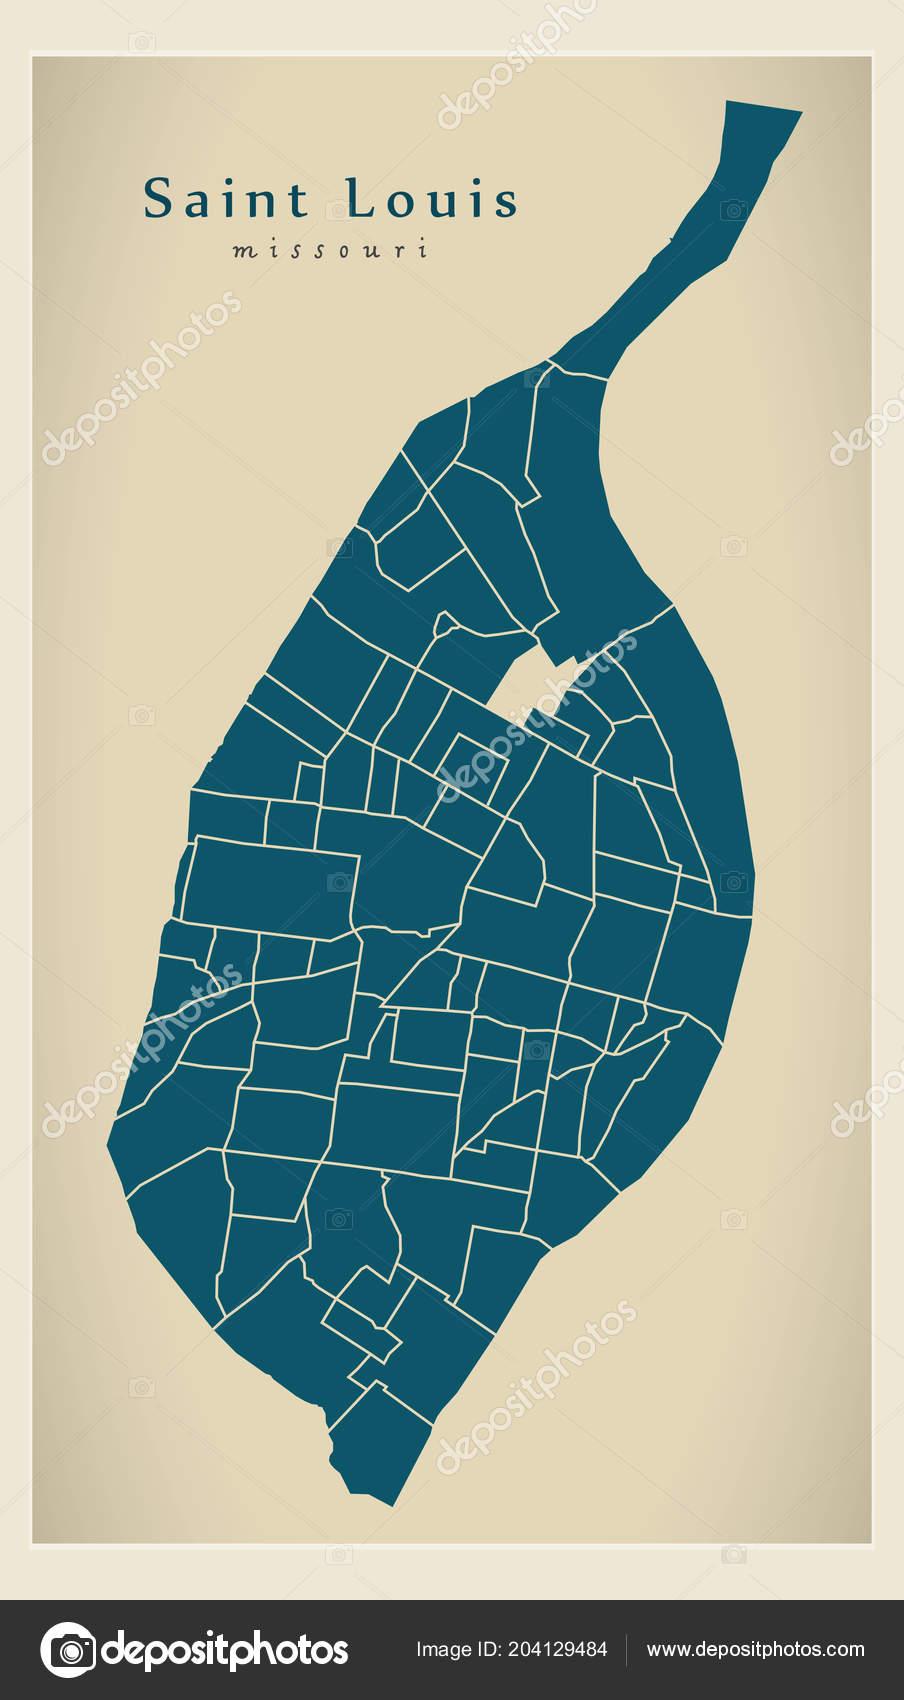 Moderne City Map - Saint Louis Missouri Stadt der Usa mit guter ...